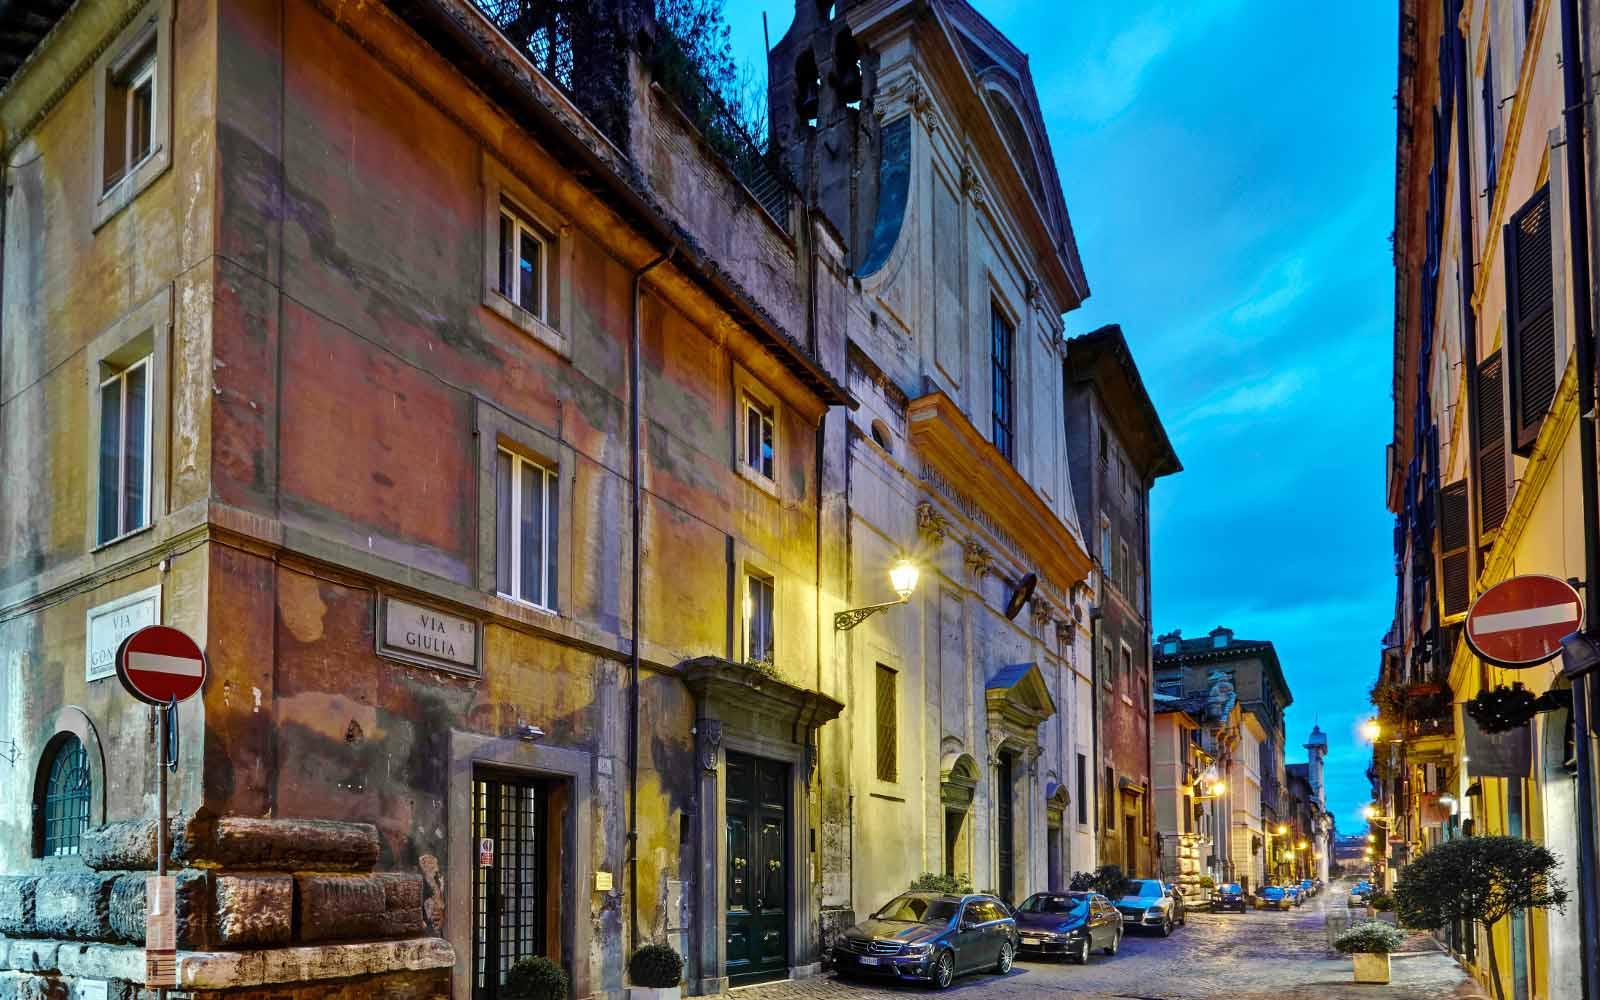 St george roma hotel 5 estrellas l roma trayectorio - Hoteles roma 5 estrellas ...